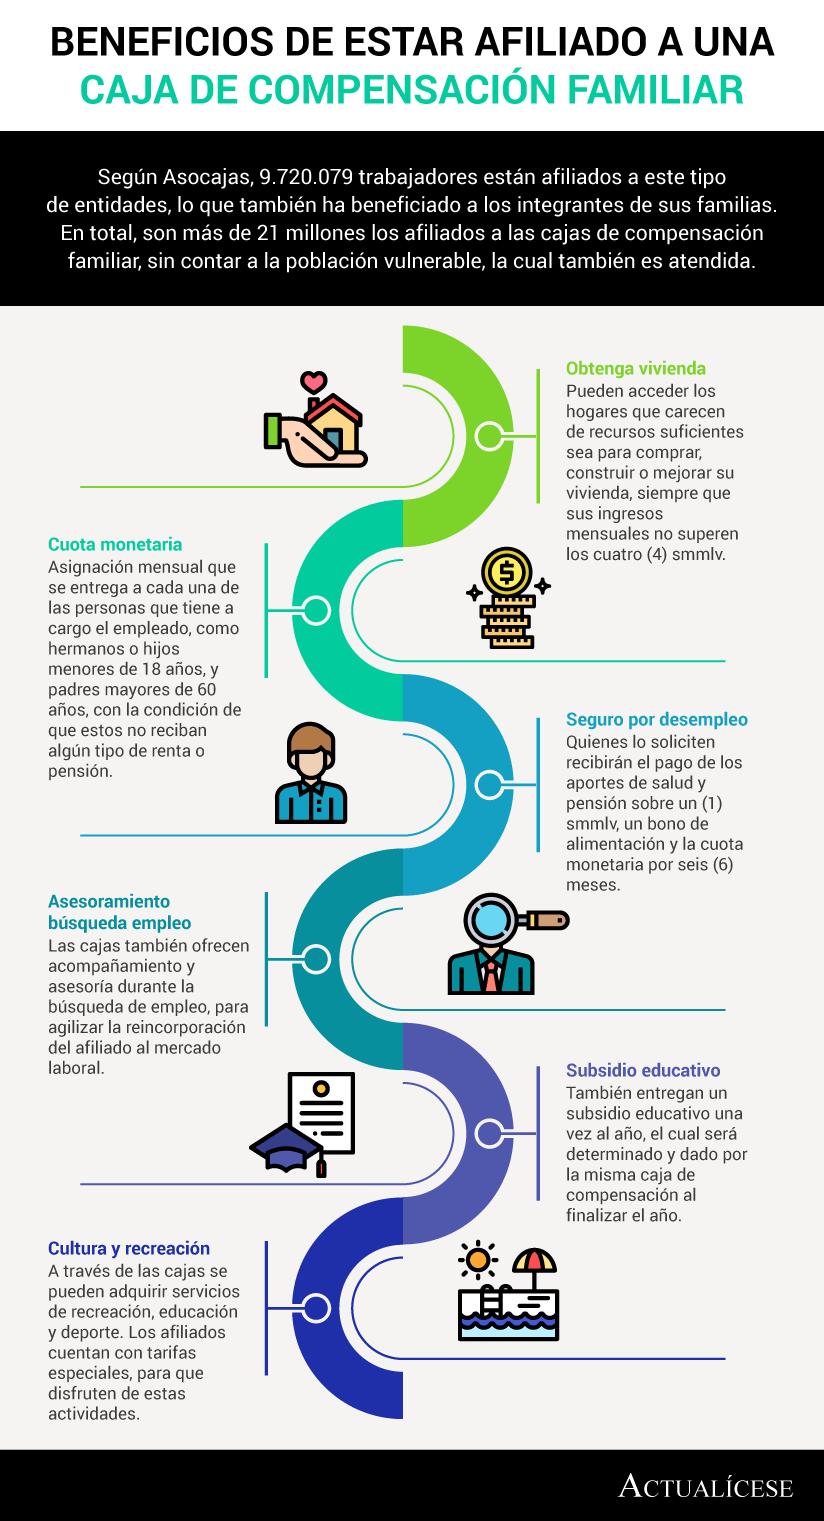 [Infografía] Beneficios de estar afiliado a una caja de compensación familiar